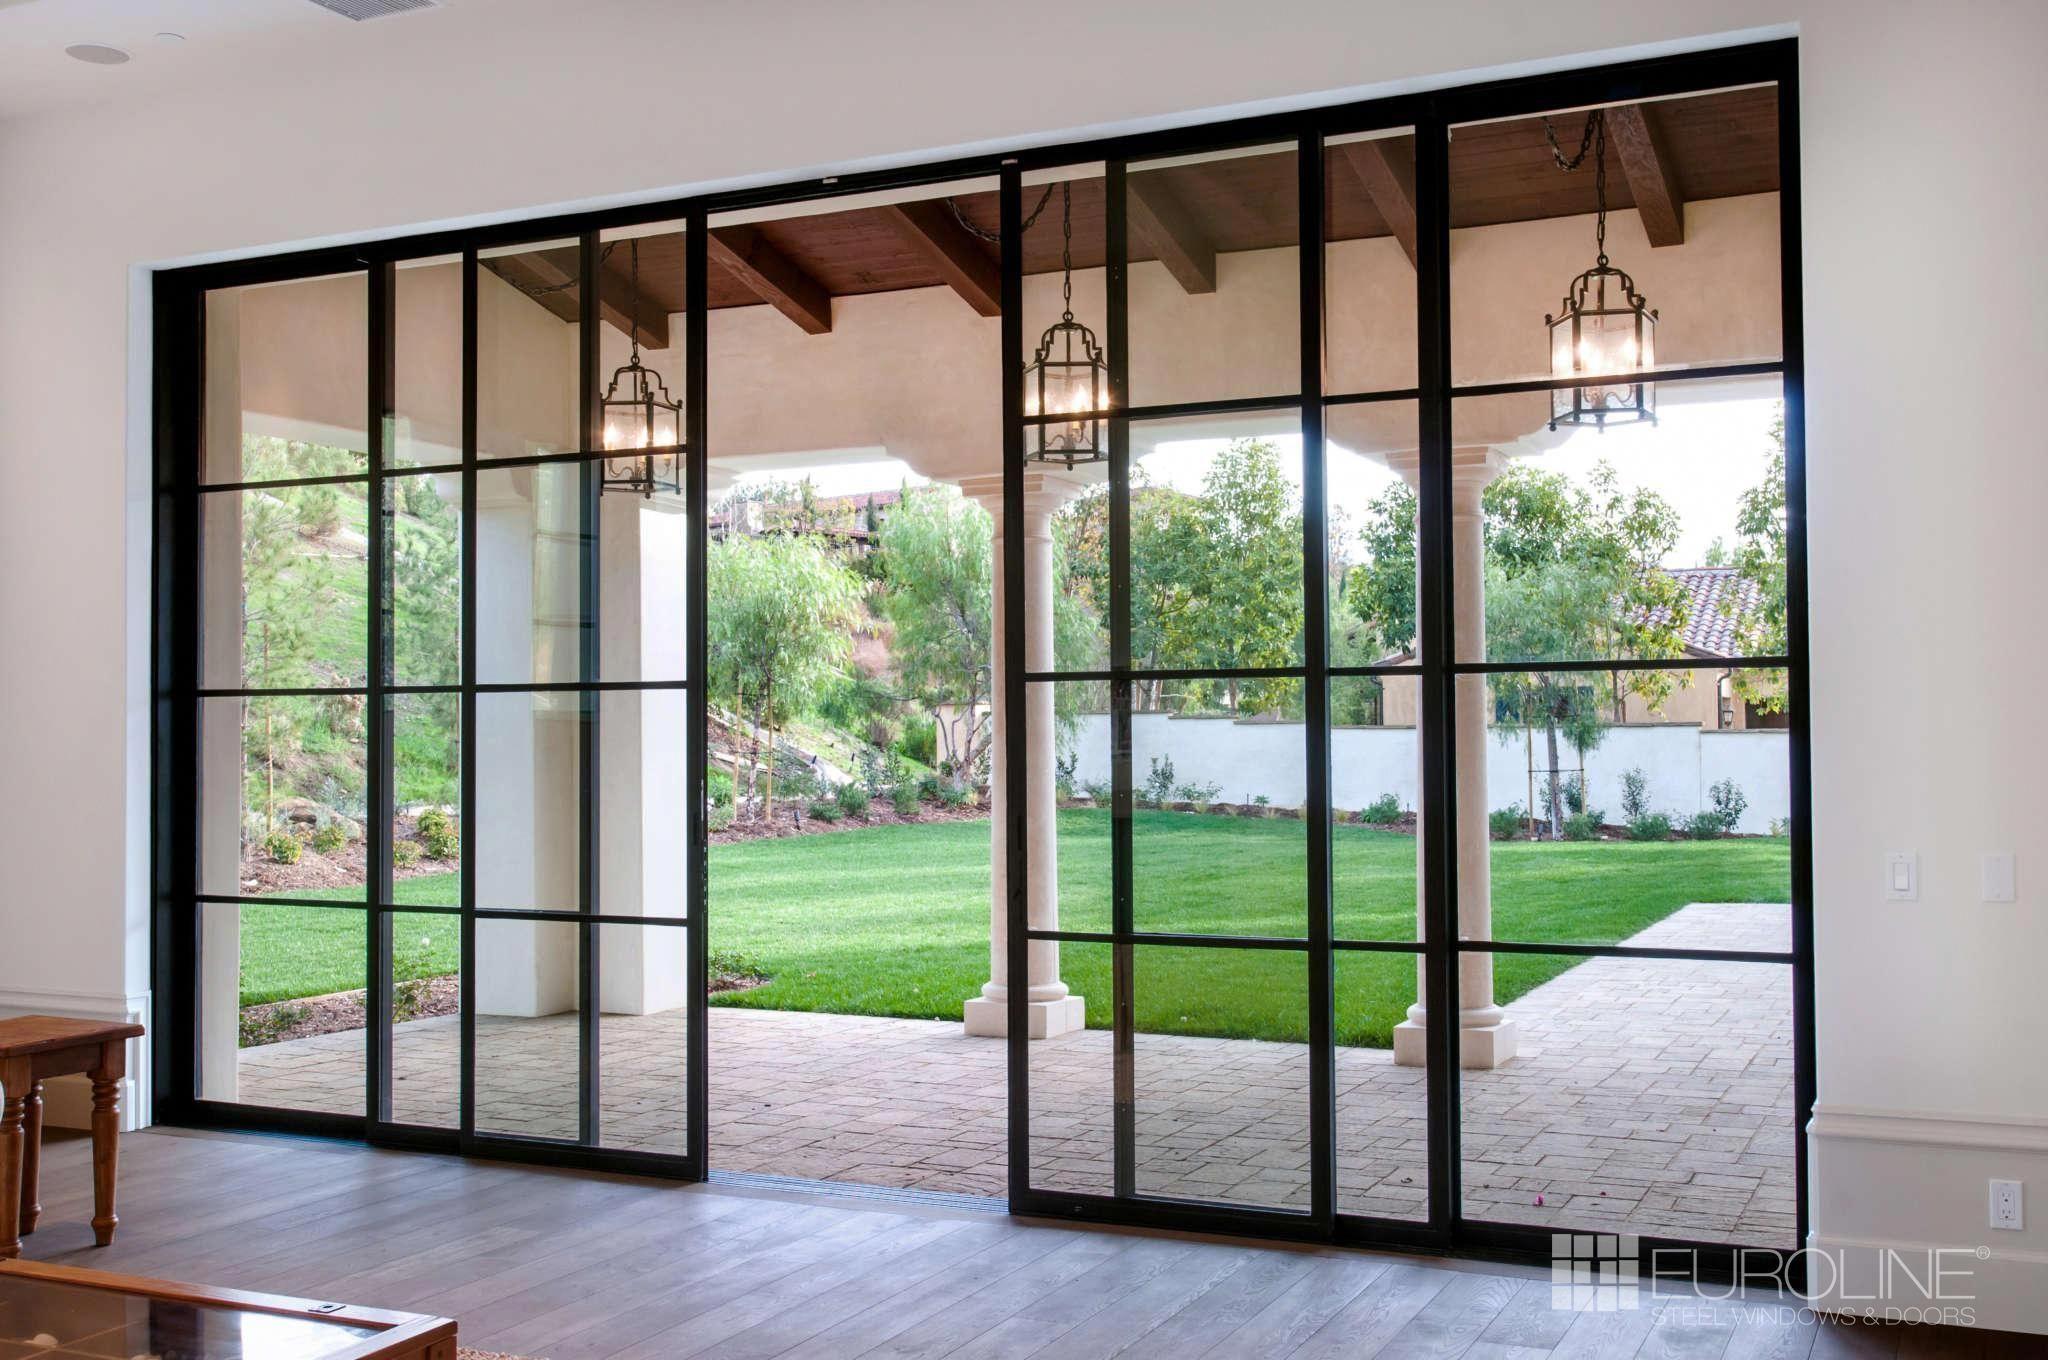 8 Foot Tall Sliding Closet Doors   Cheap Exterior Doors